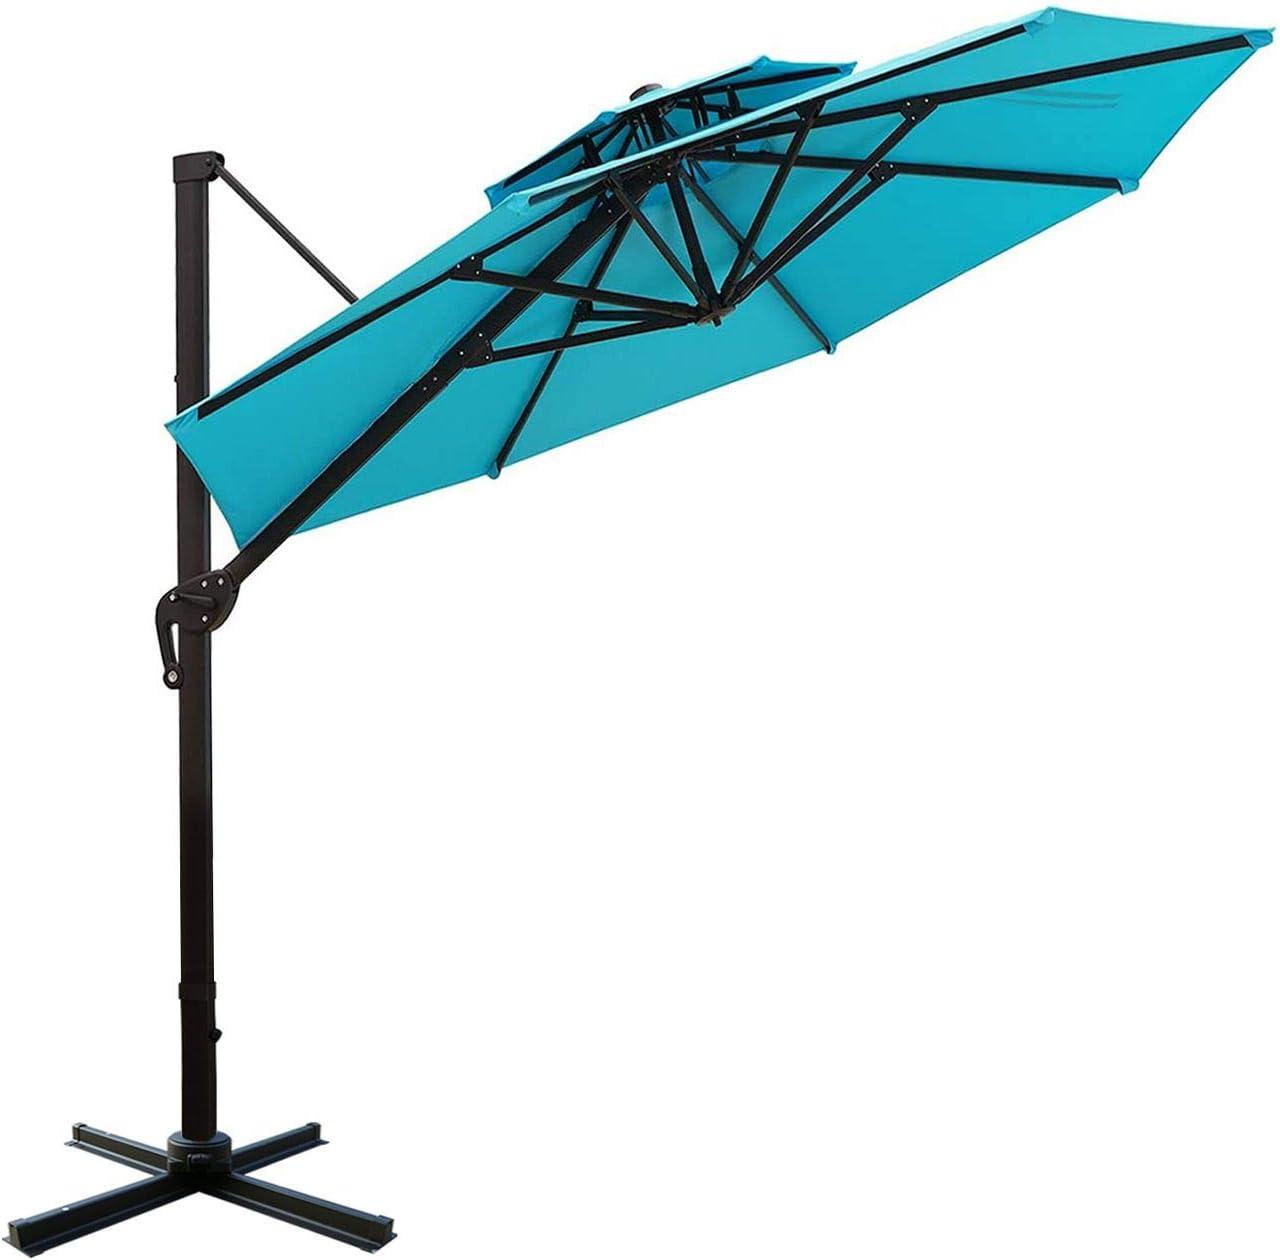 Sunnyglade 11ft Double Top Patio Offset Hanging Umbrella Round Deluxe Outdoor Cantilever Umbrella with Easy Tilt for Garden, Backyard, Patio,Pool Blue